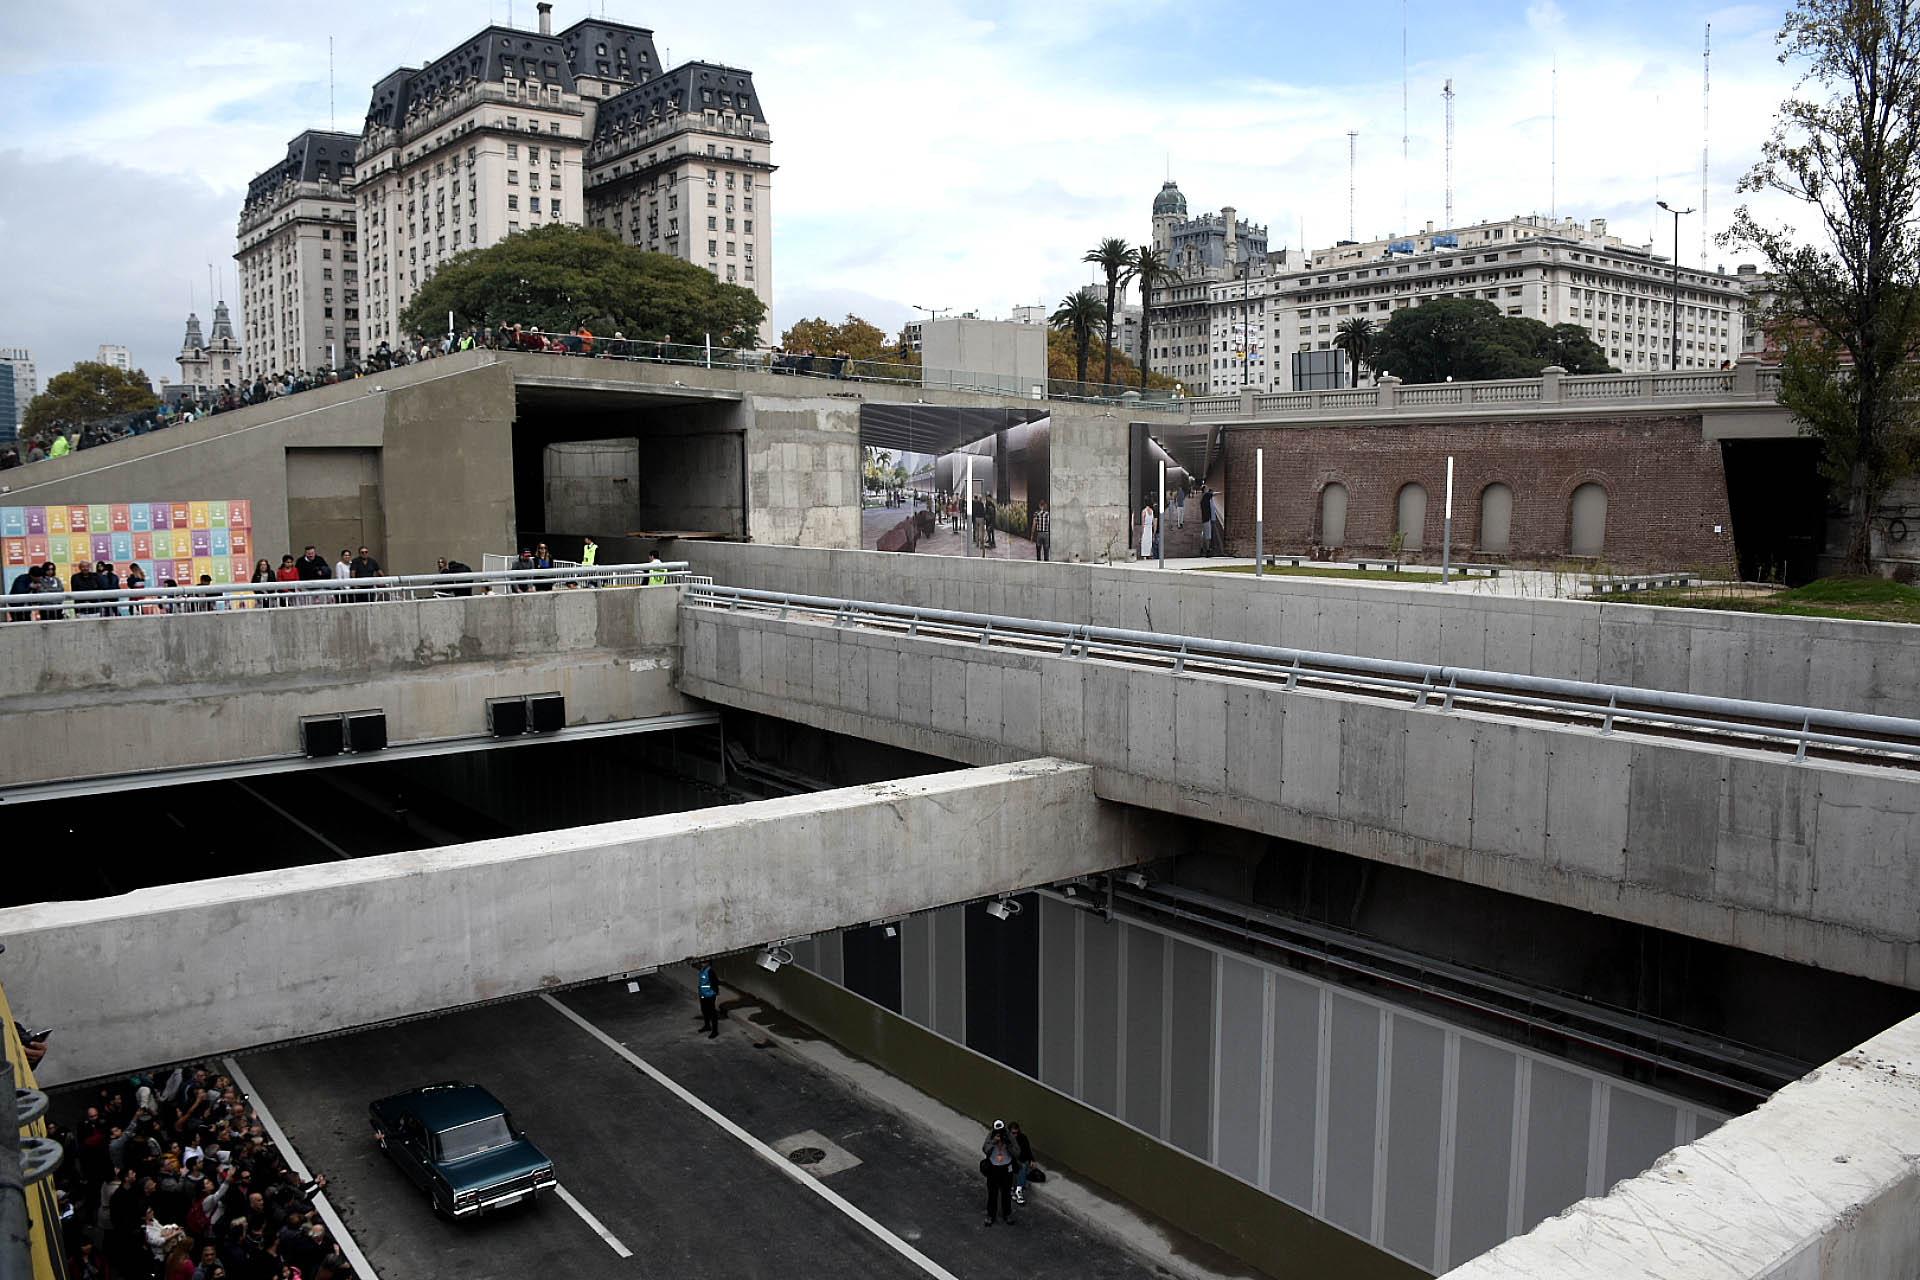 Ala altura de Puerto Madero camiones y colectivos de larga distancia circularán bajo tierra